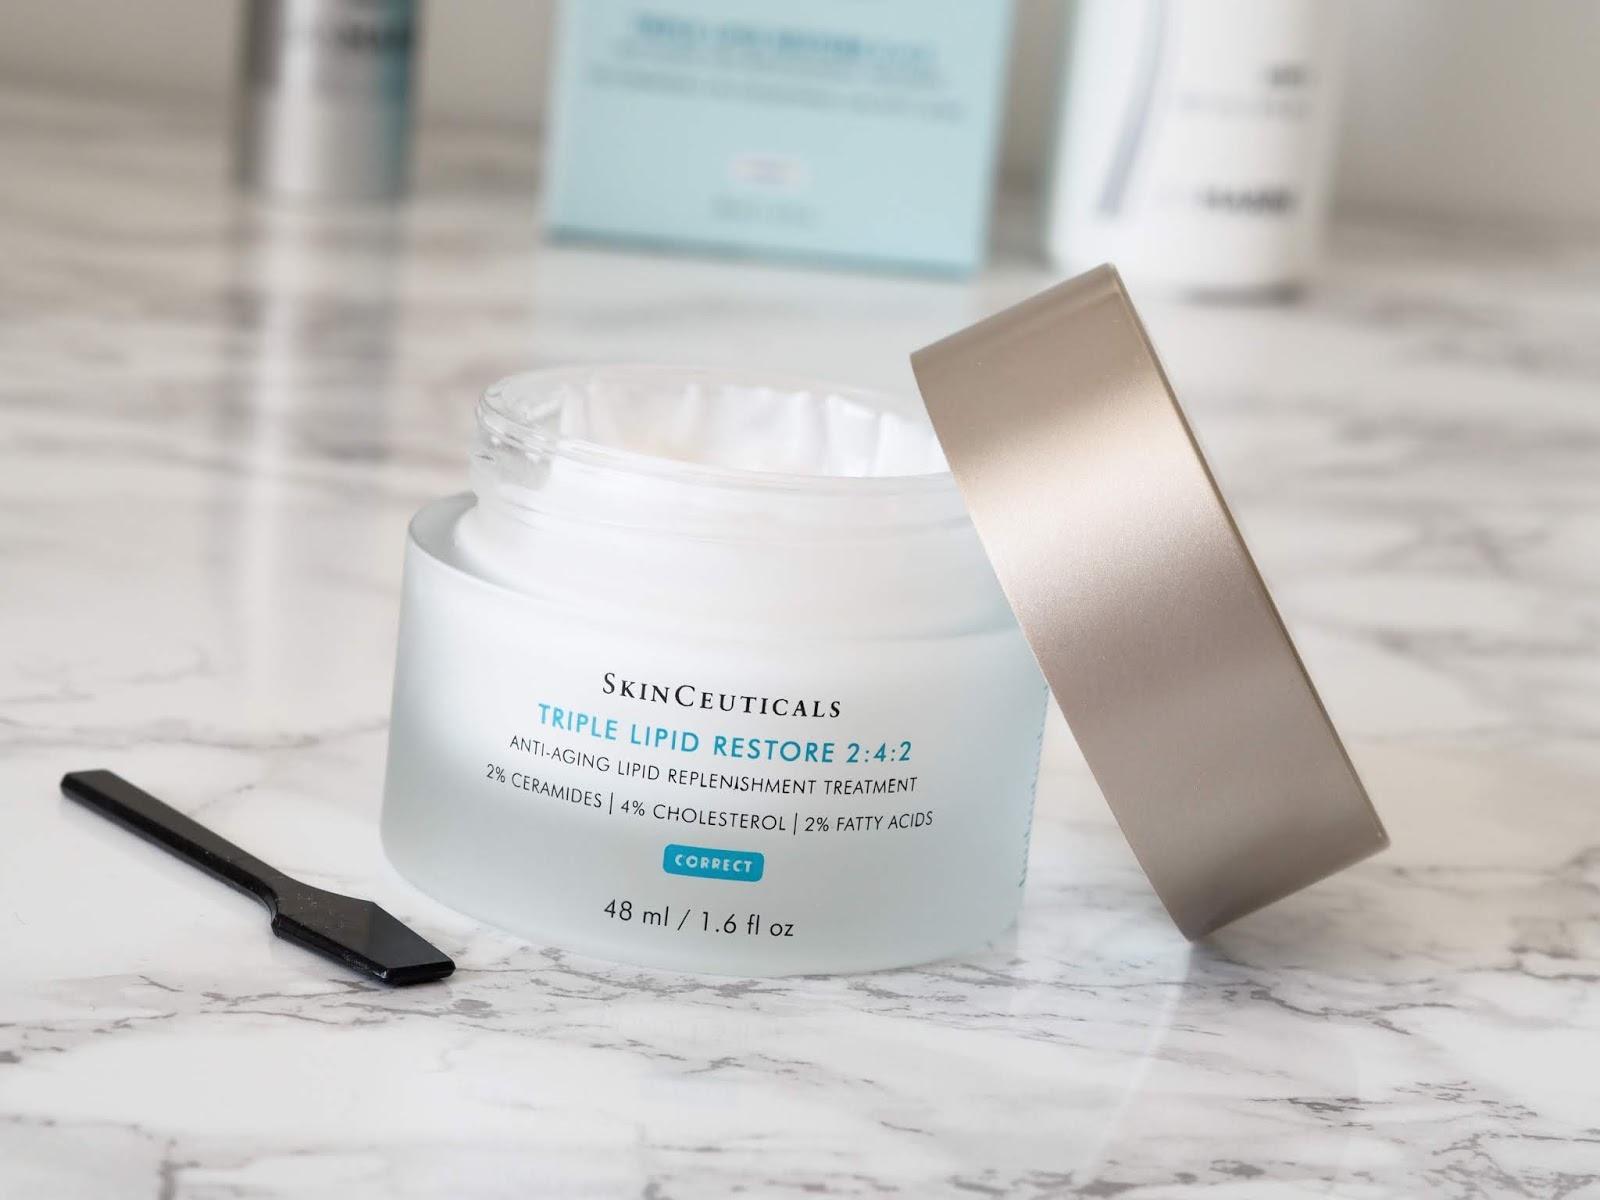 Skin saviours \ Skinceuticals \ Triple lipid \ moisturiser